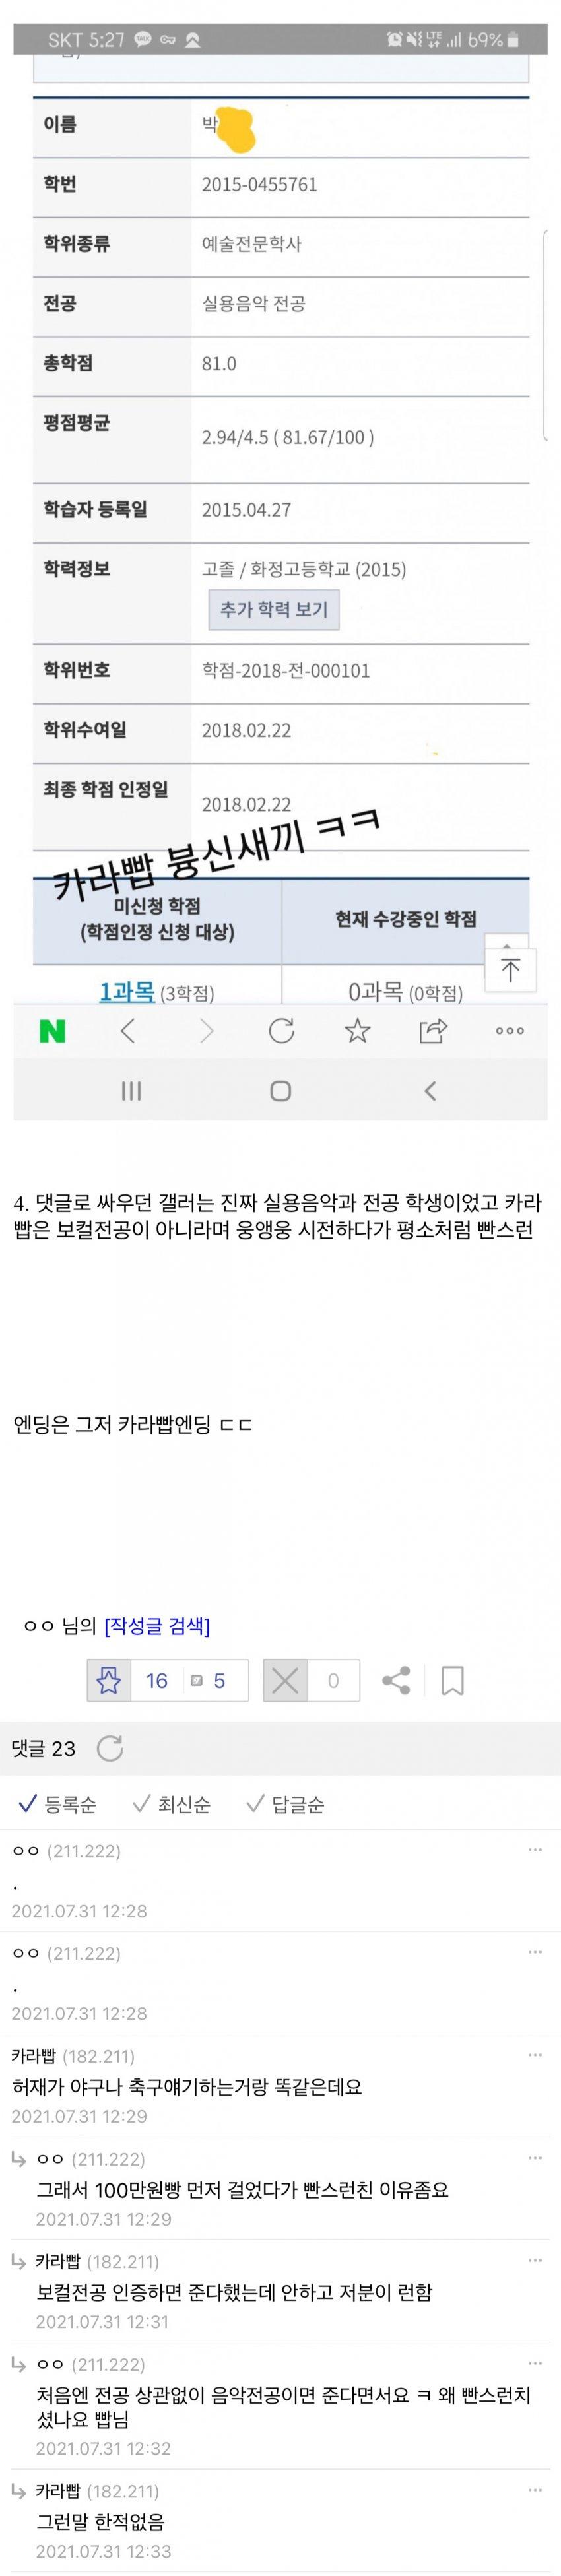 viewimage.php?id=2bb2df32e7d334aa51b1d3a241&no=24b0d769e1d32ca73ceb86fa11d02831eebc6c37c2fa034916fac403202405ec1a43fc6aaebf49eb63b82589fe808ab69abf9a71d3d11a91bdc25664283ff037145e7e2a65f7da91629e2c6bb26d563b08e2e9e5f4d58c25886323fb8db49a5edc39966f647bcd914a1465c4